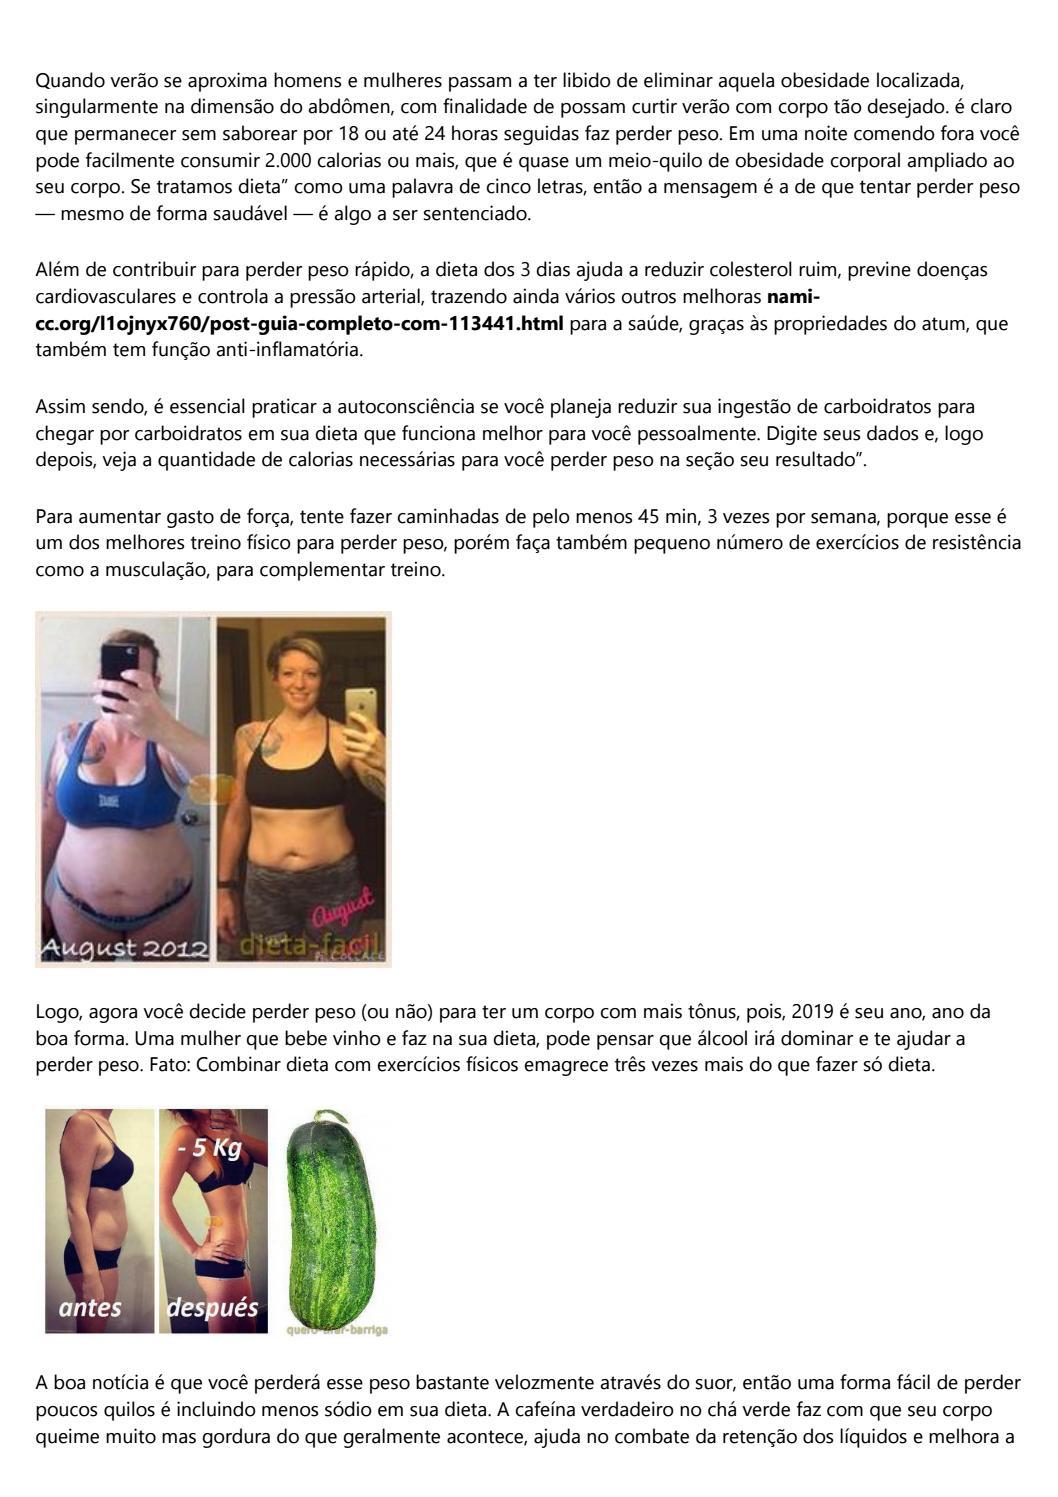 dieta para perder peso e baixar o colesterol